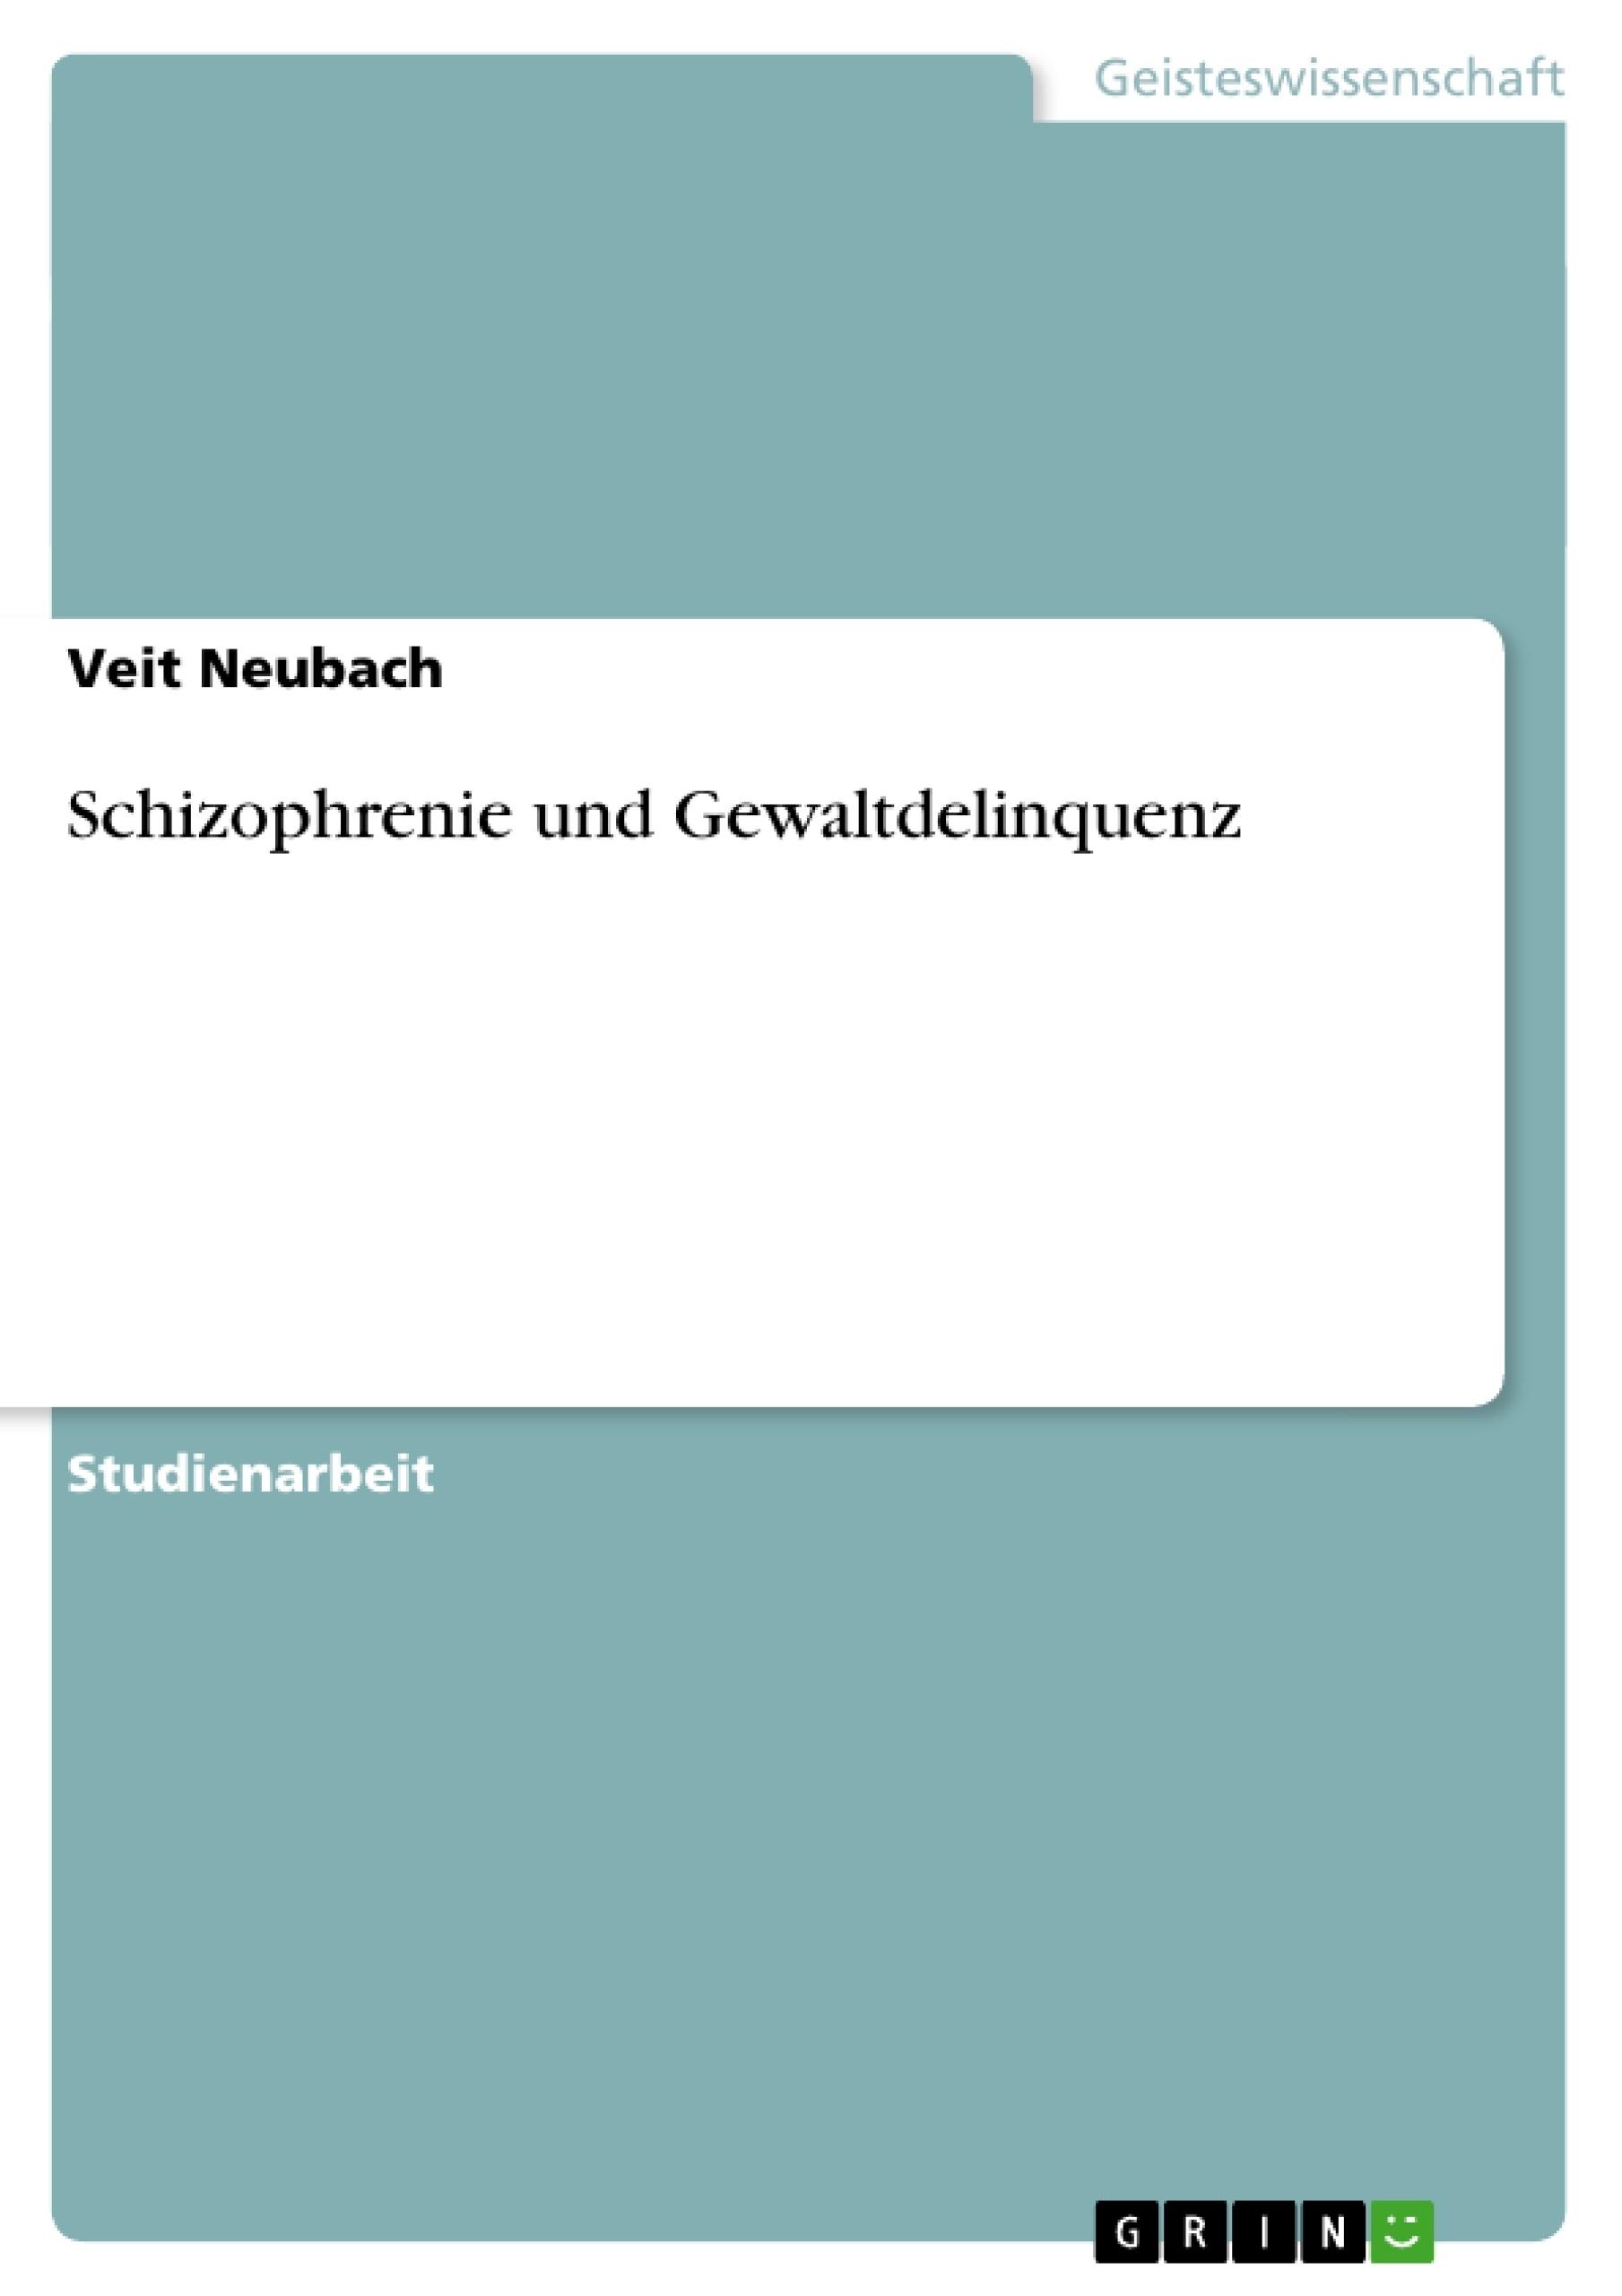 Titel: Schizophrenie und Gewaltdelinquenz